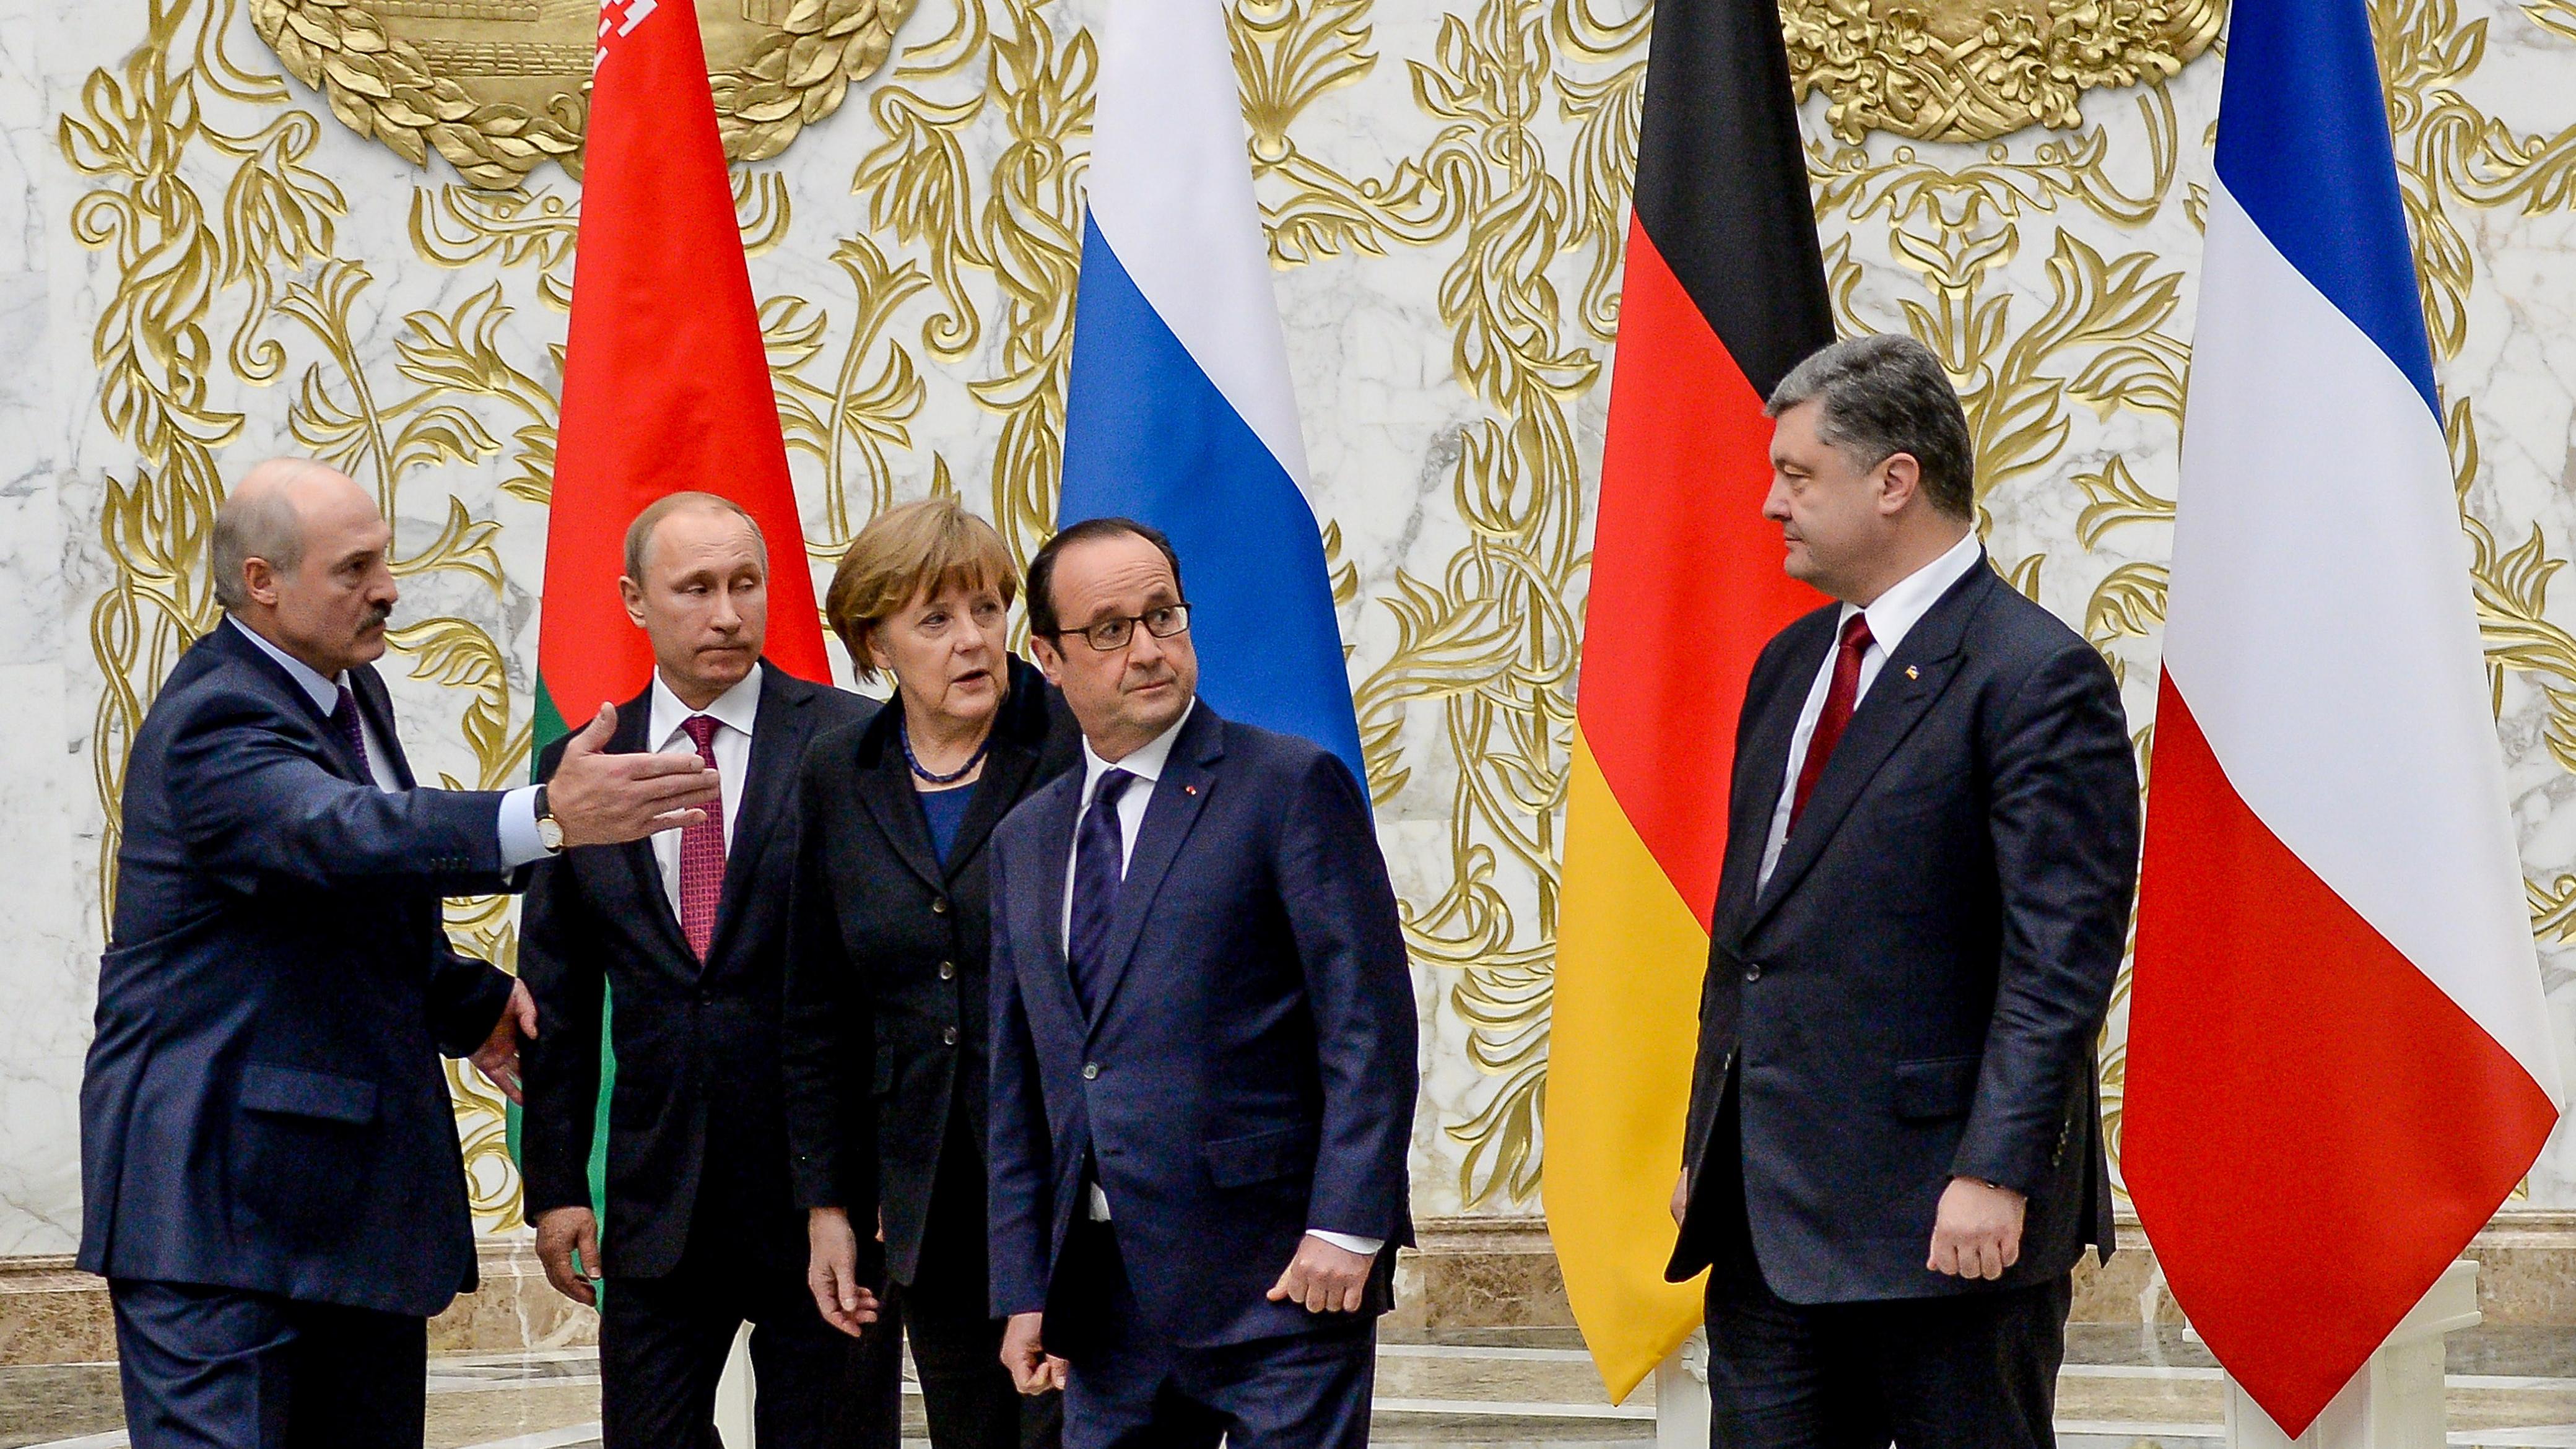 Подписание Минских соглашений 11-12 февраля 2015 г.